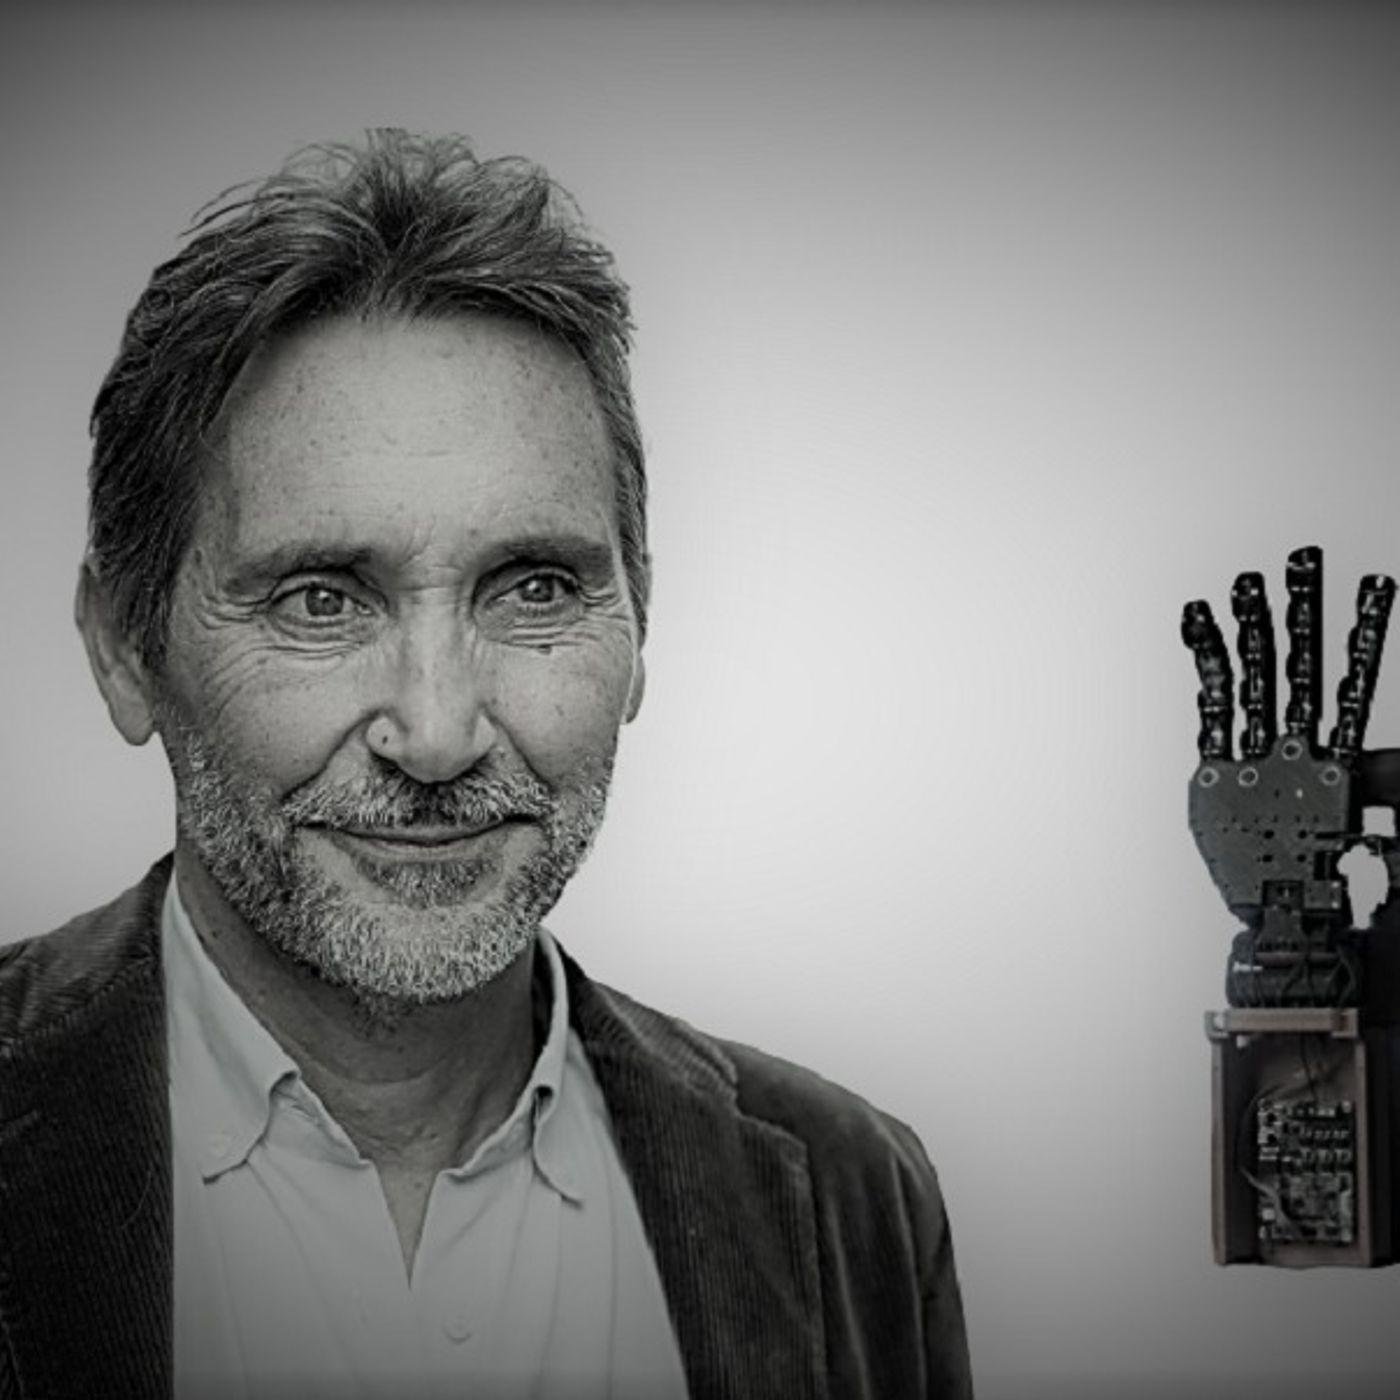 Antonio Bicchi - Il contributo della robotica e della tecnologia nella gestione dell'emergenza